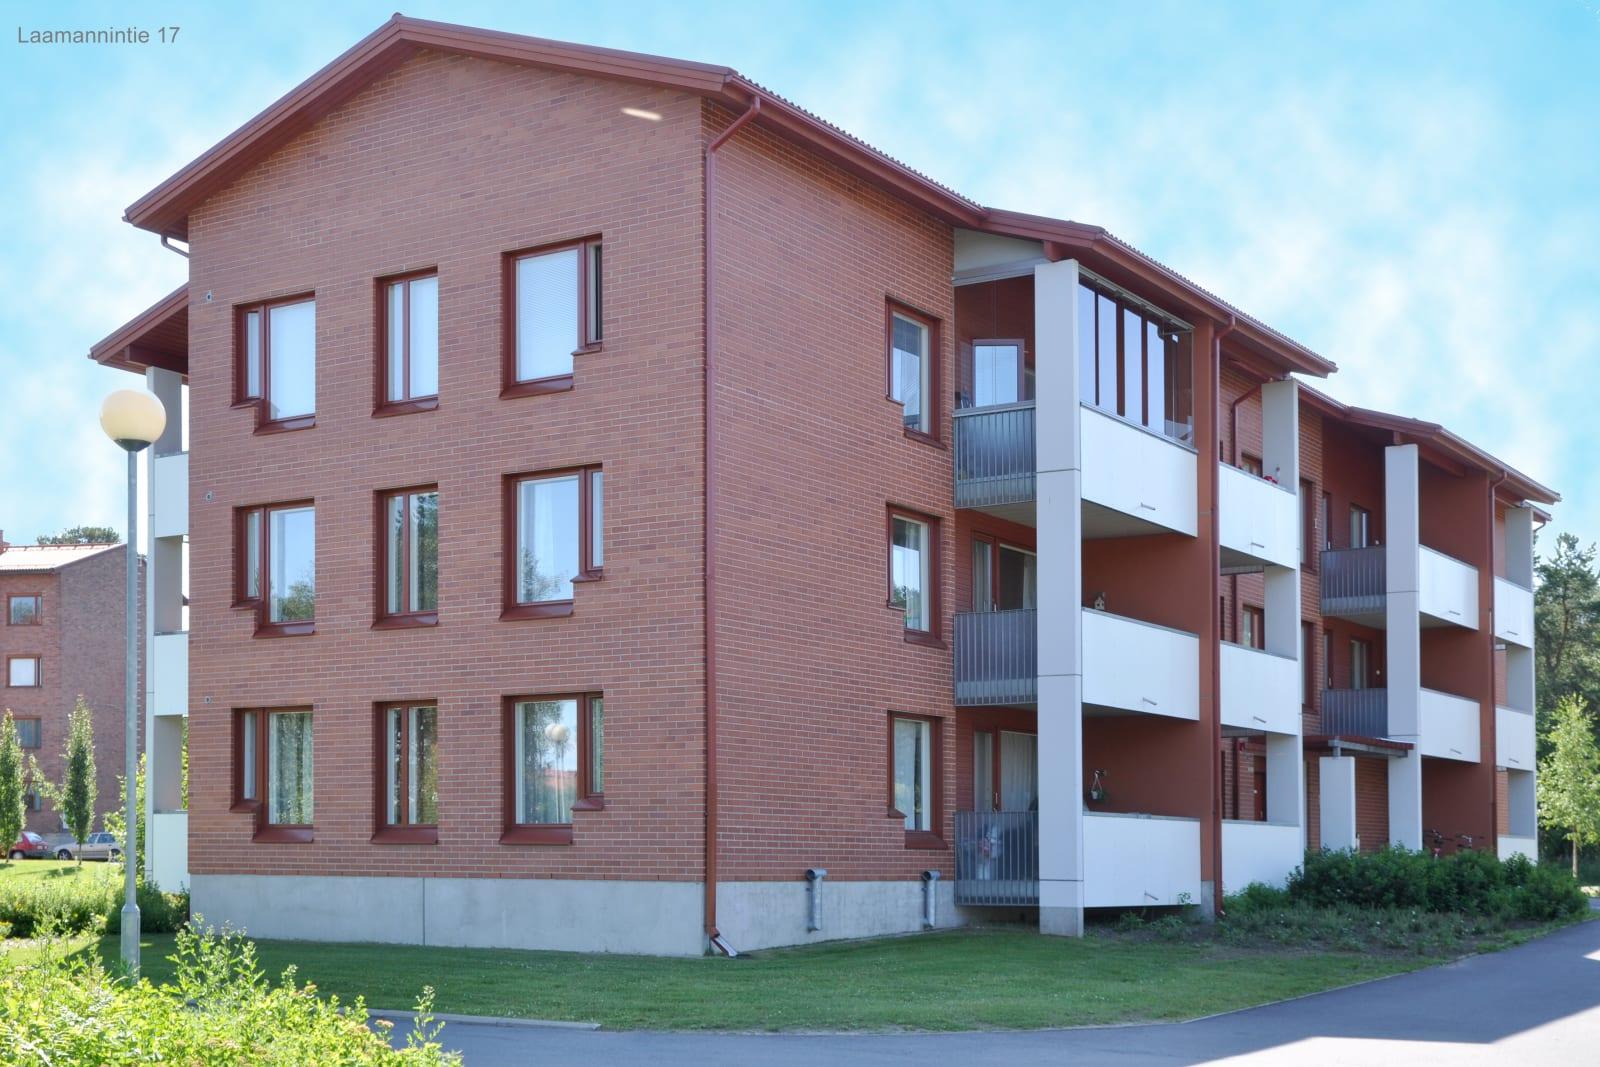 Oulu, Laanila, Laamannintie 17